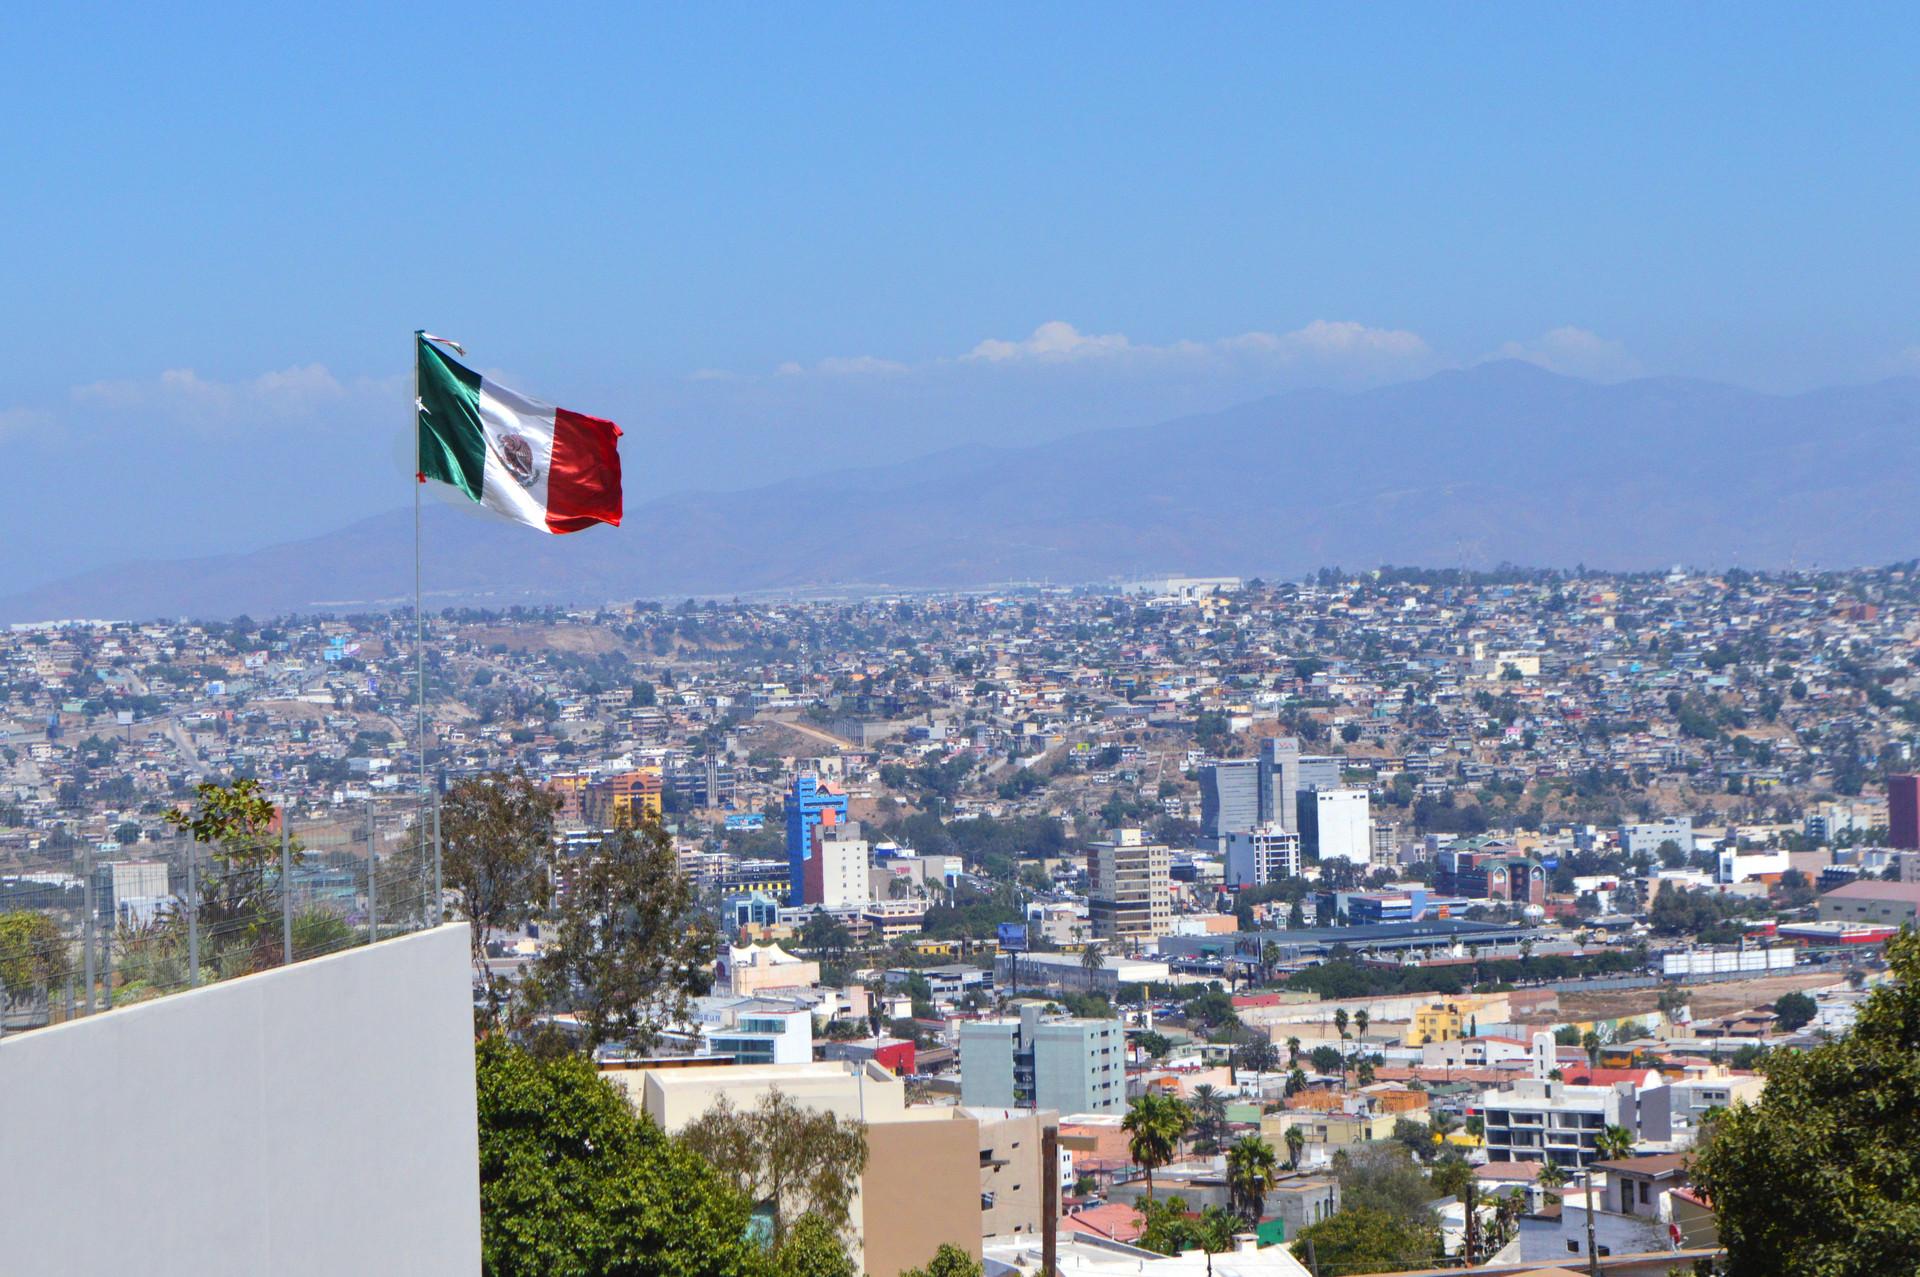 @重庆出发,墨西哥城+瓜纳华托+克雷塔罗+梅里达+坎昆10日旅游